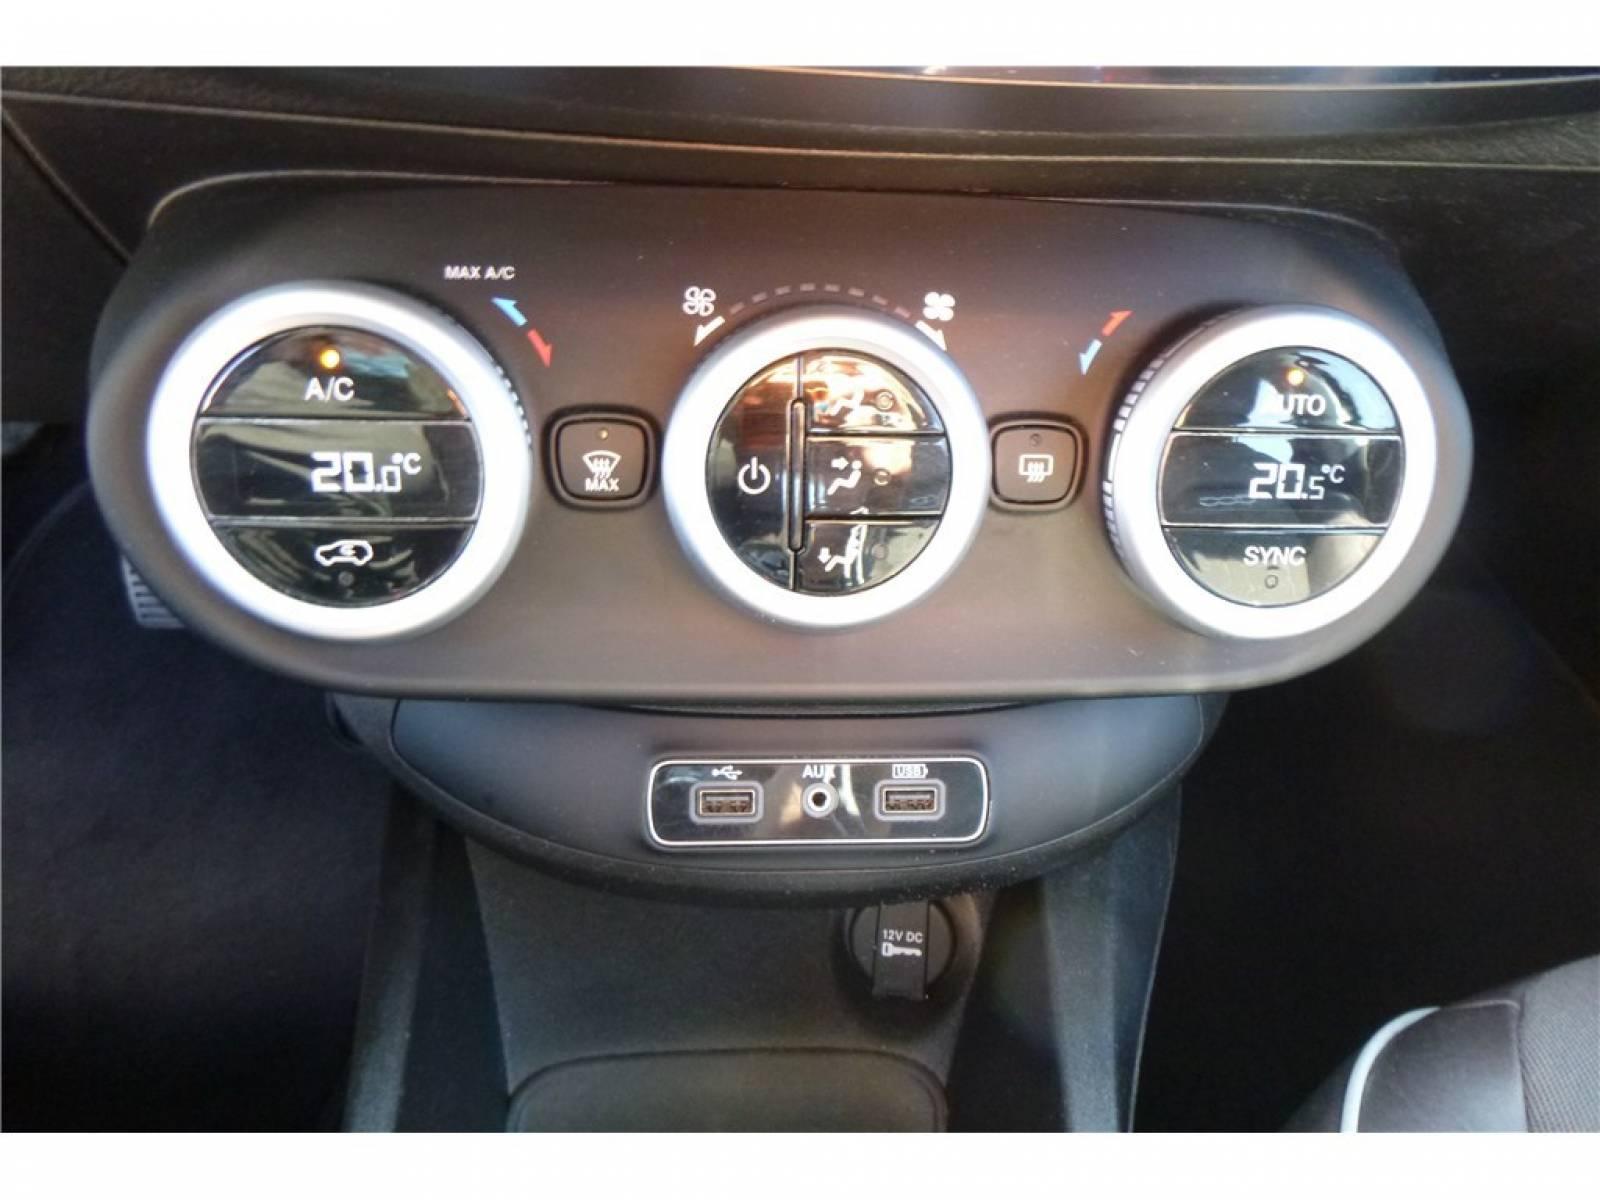 FIAT 500X 1.6 MultiJet 120 ch - véhicule d'occasion - Groupe Guillet - Chalon Automobiles - 71100 - Chalon-sur-Saône - 26